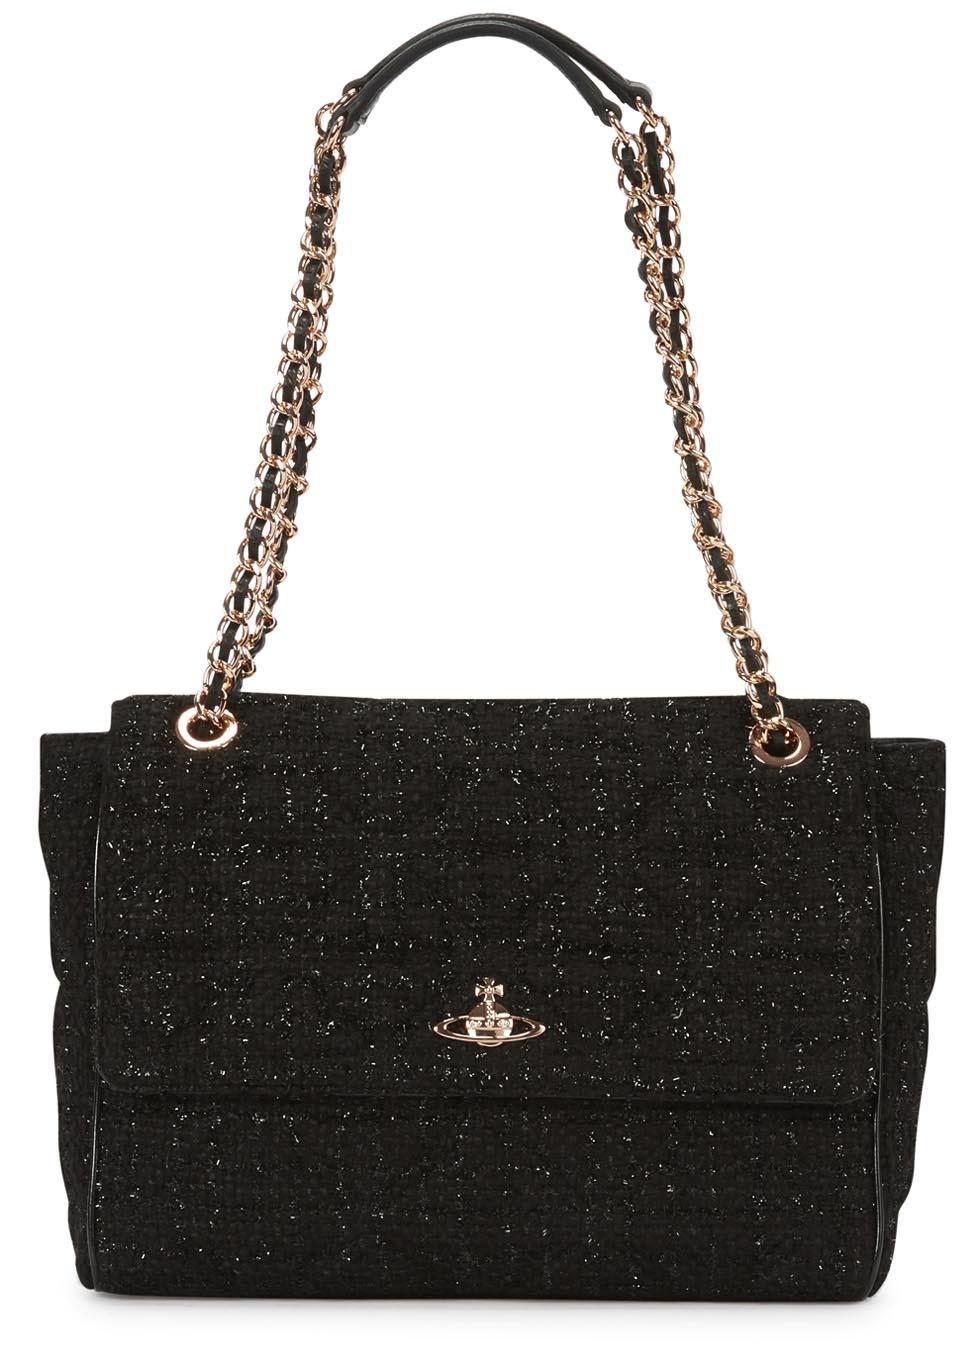 9f7b1565b799 Vivienne Westwood Sharlenemania Large Tweed Shoulder Bag in Black - Lyst